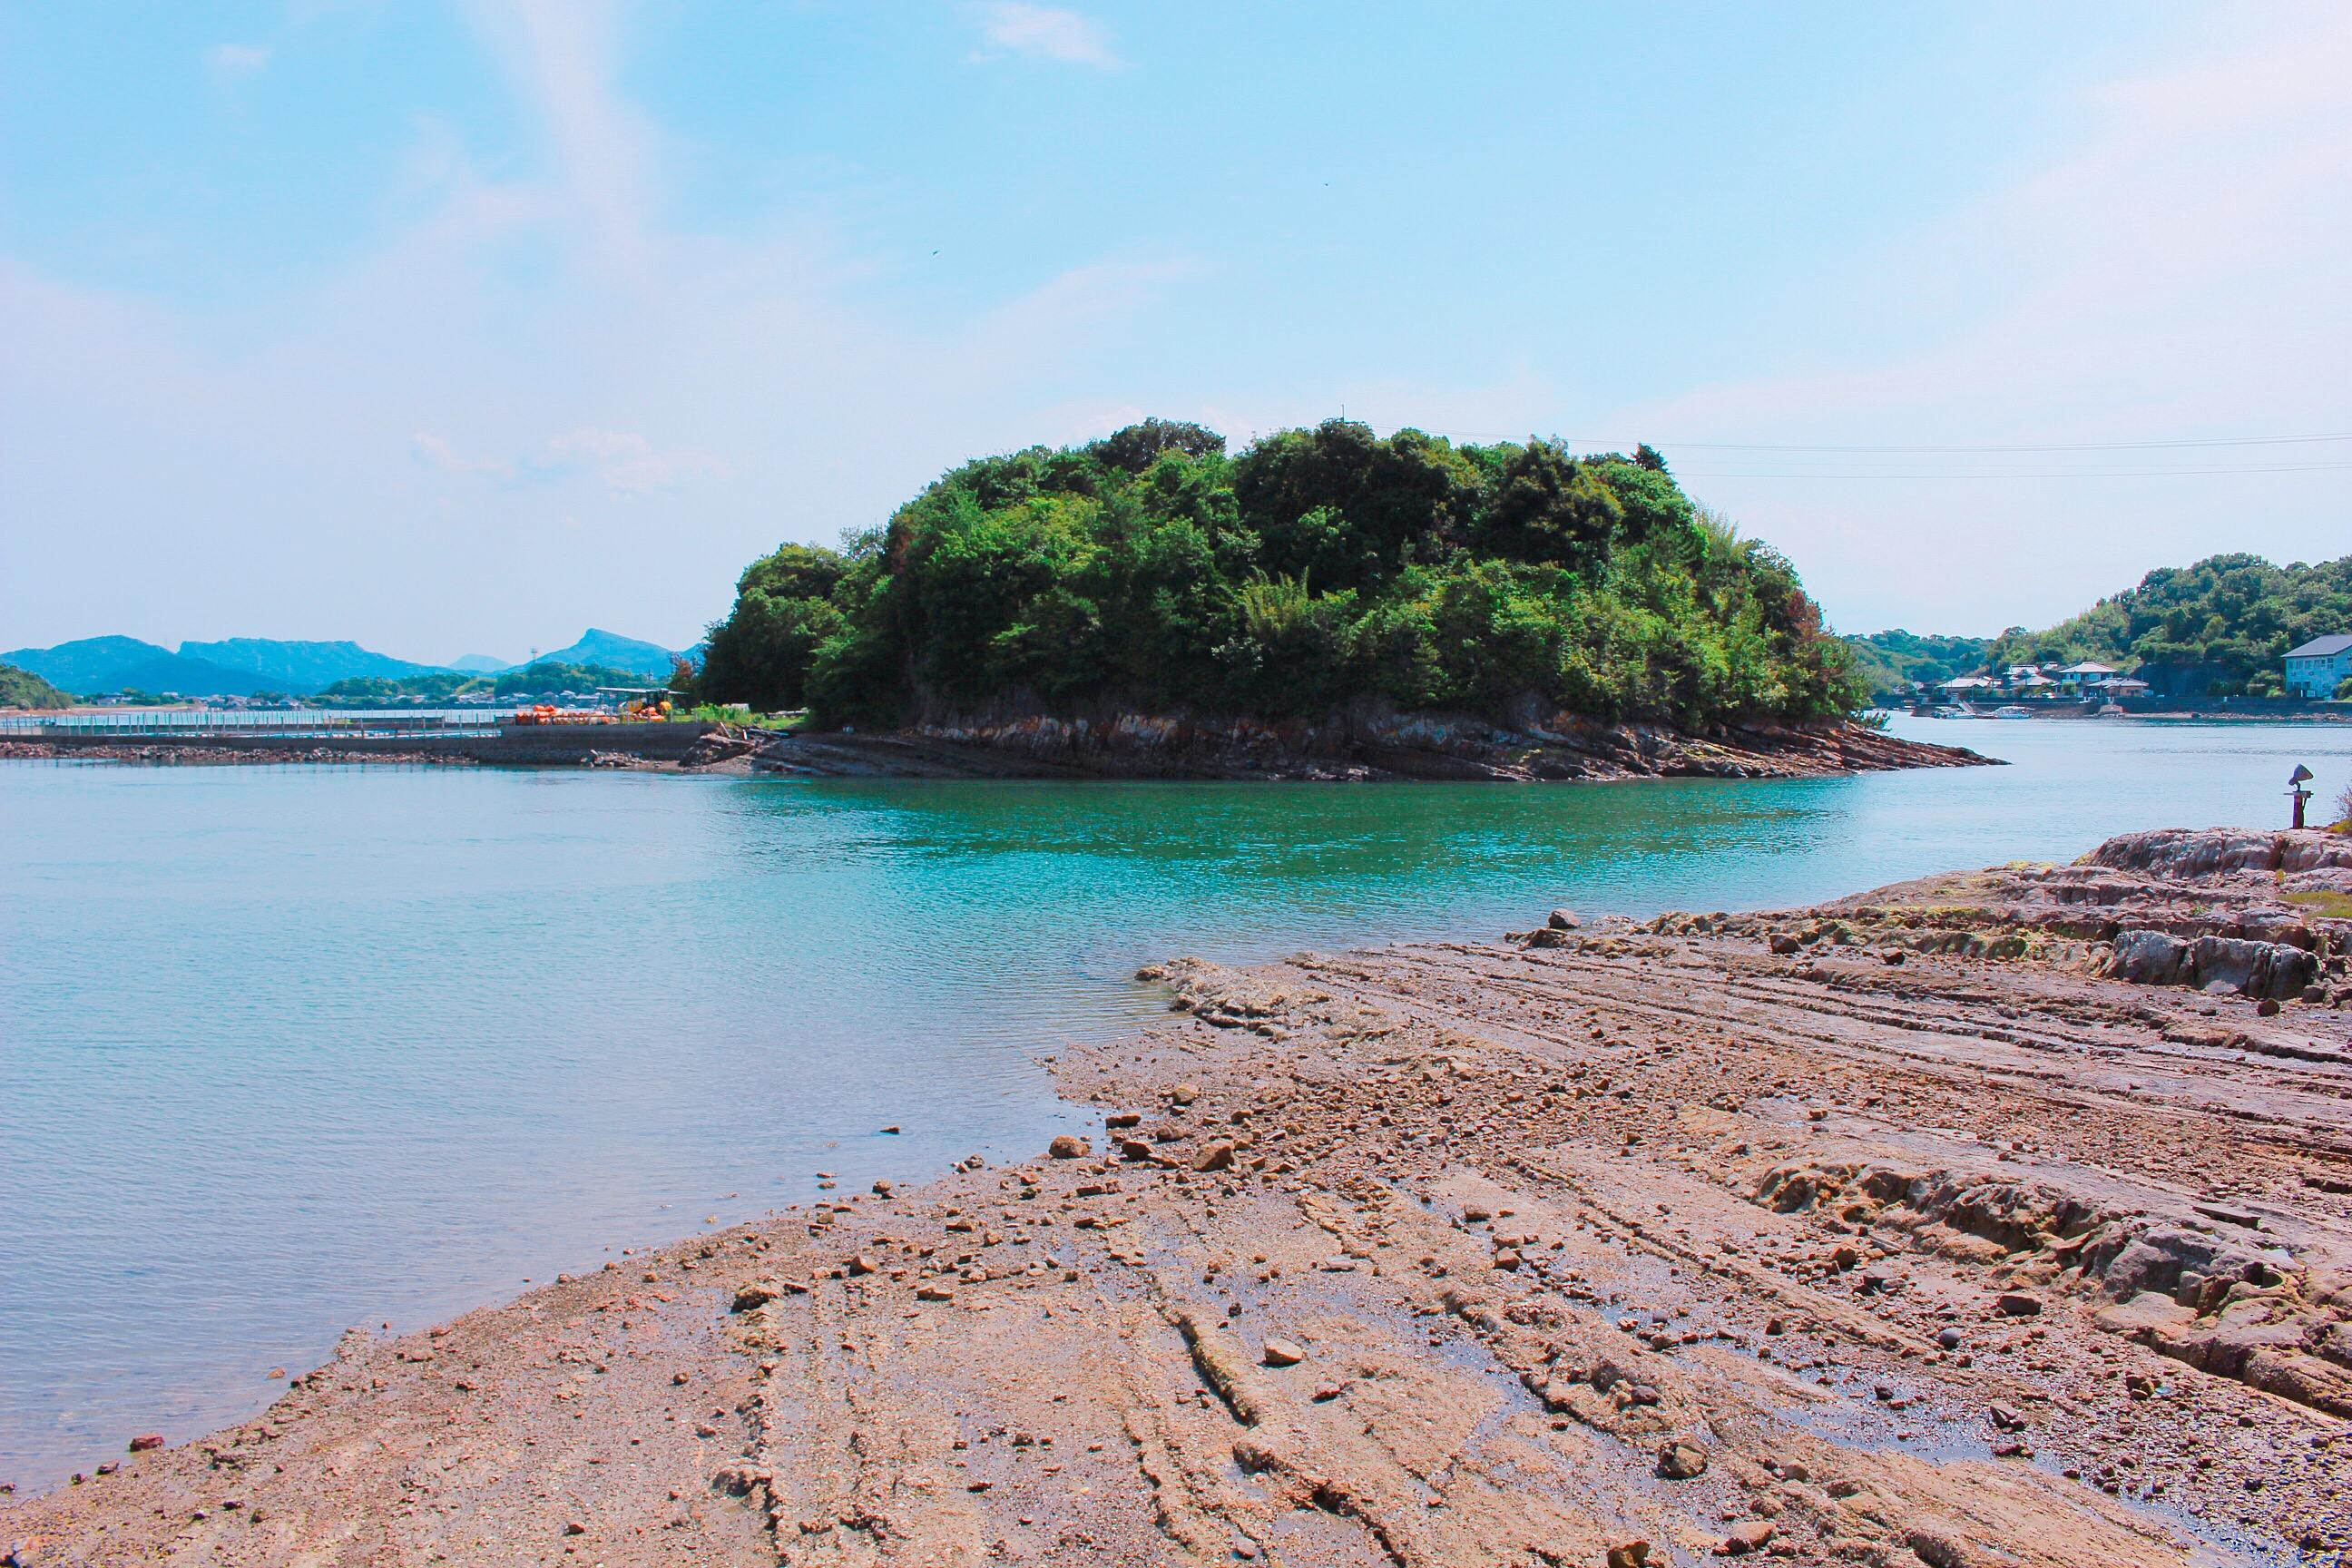 【海カフェ CAPE】天草!藍の岬にあるカフェで、海を眺めてのんびりと